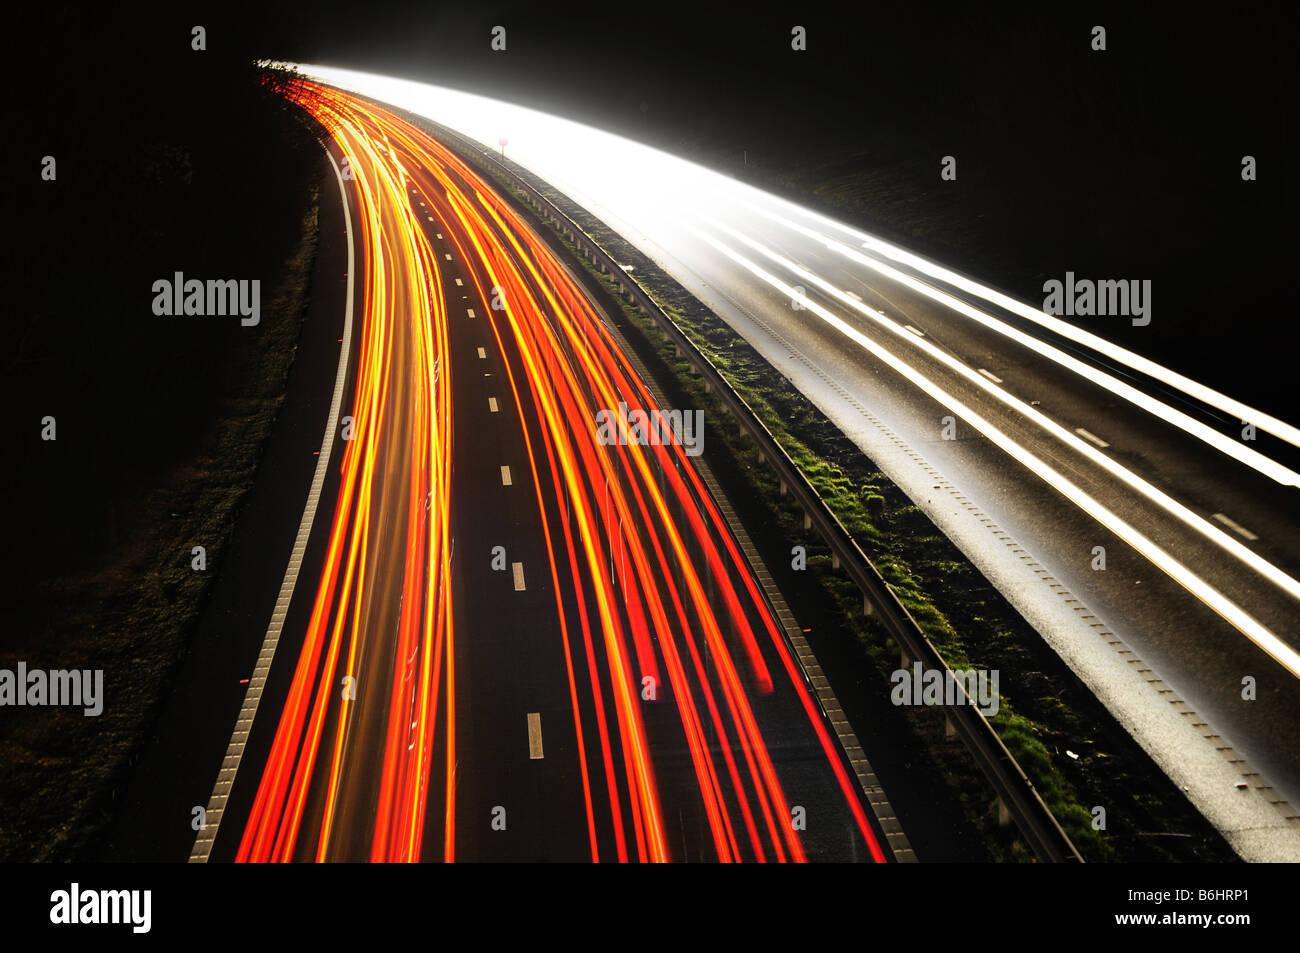 Il traffico delle luci di coda 'lunga esposizione' durante la notte Immagini Stock